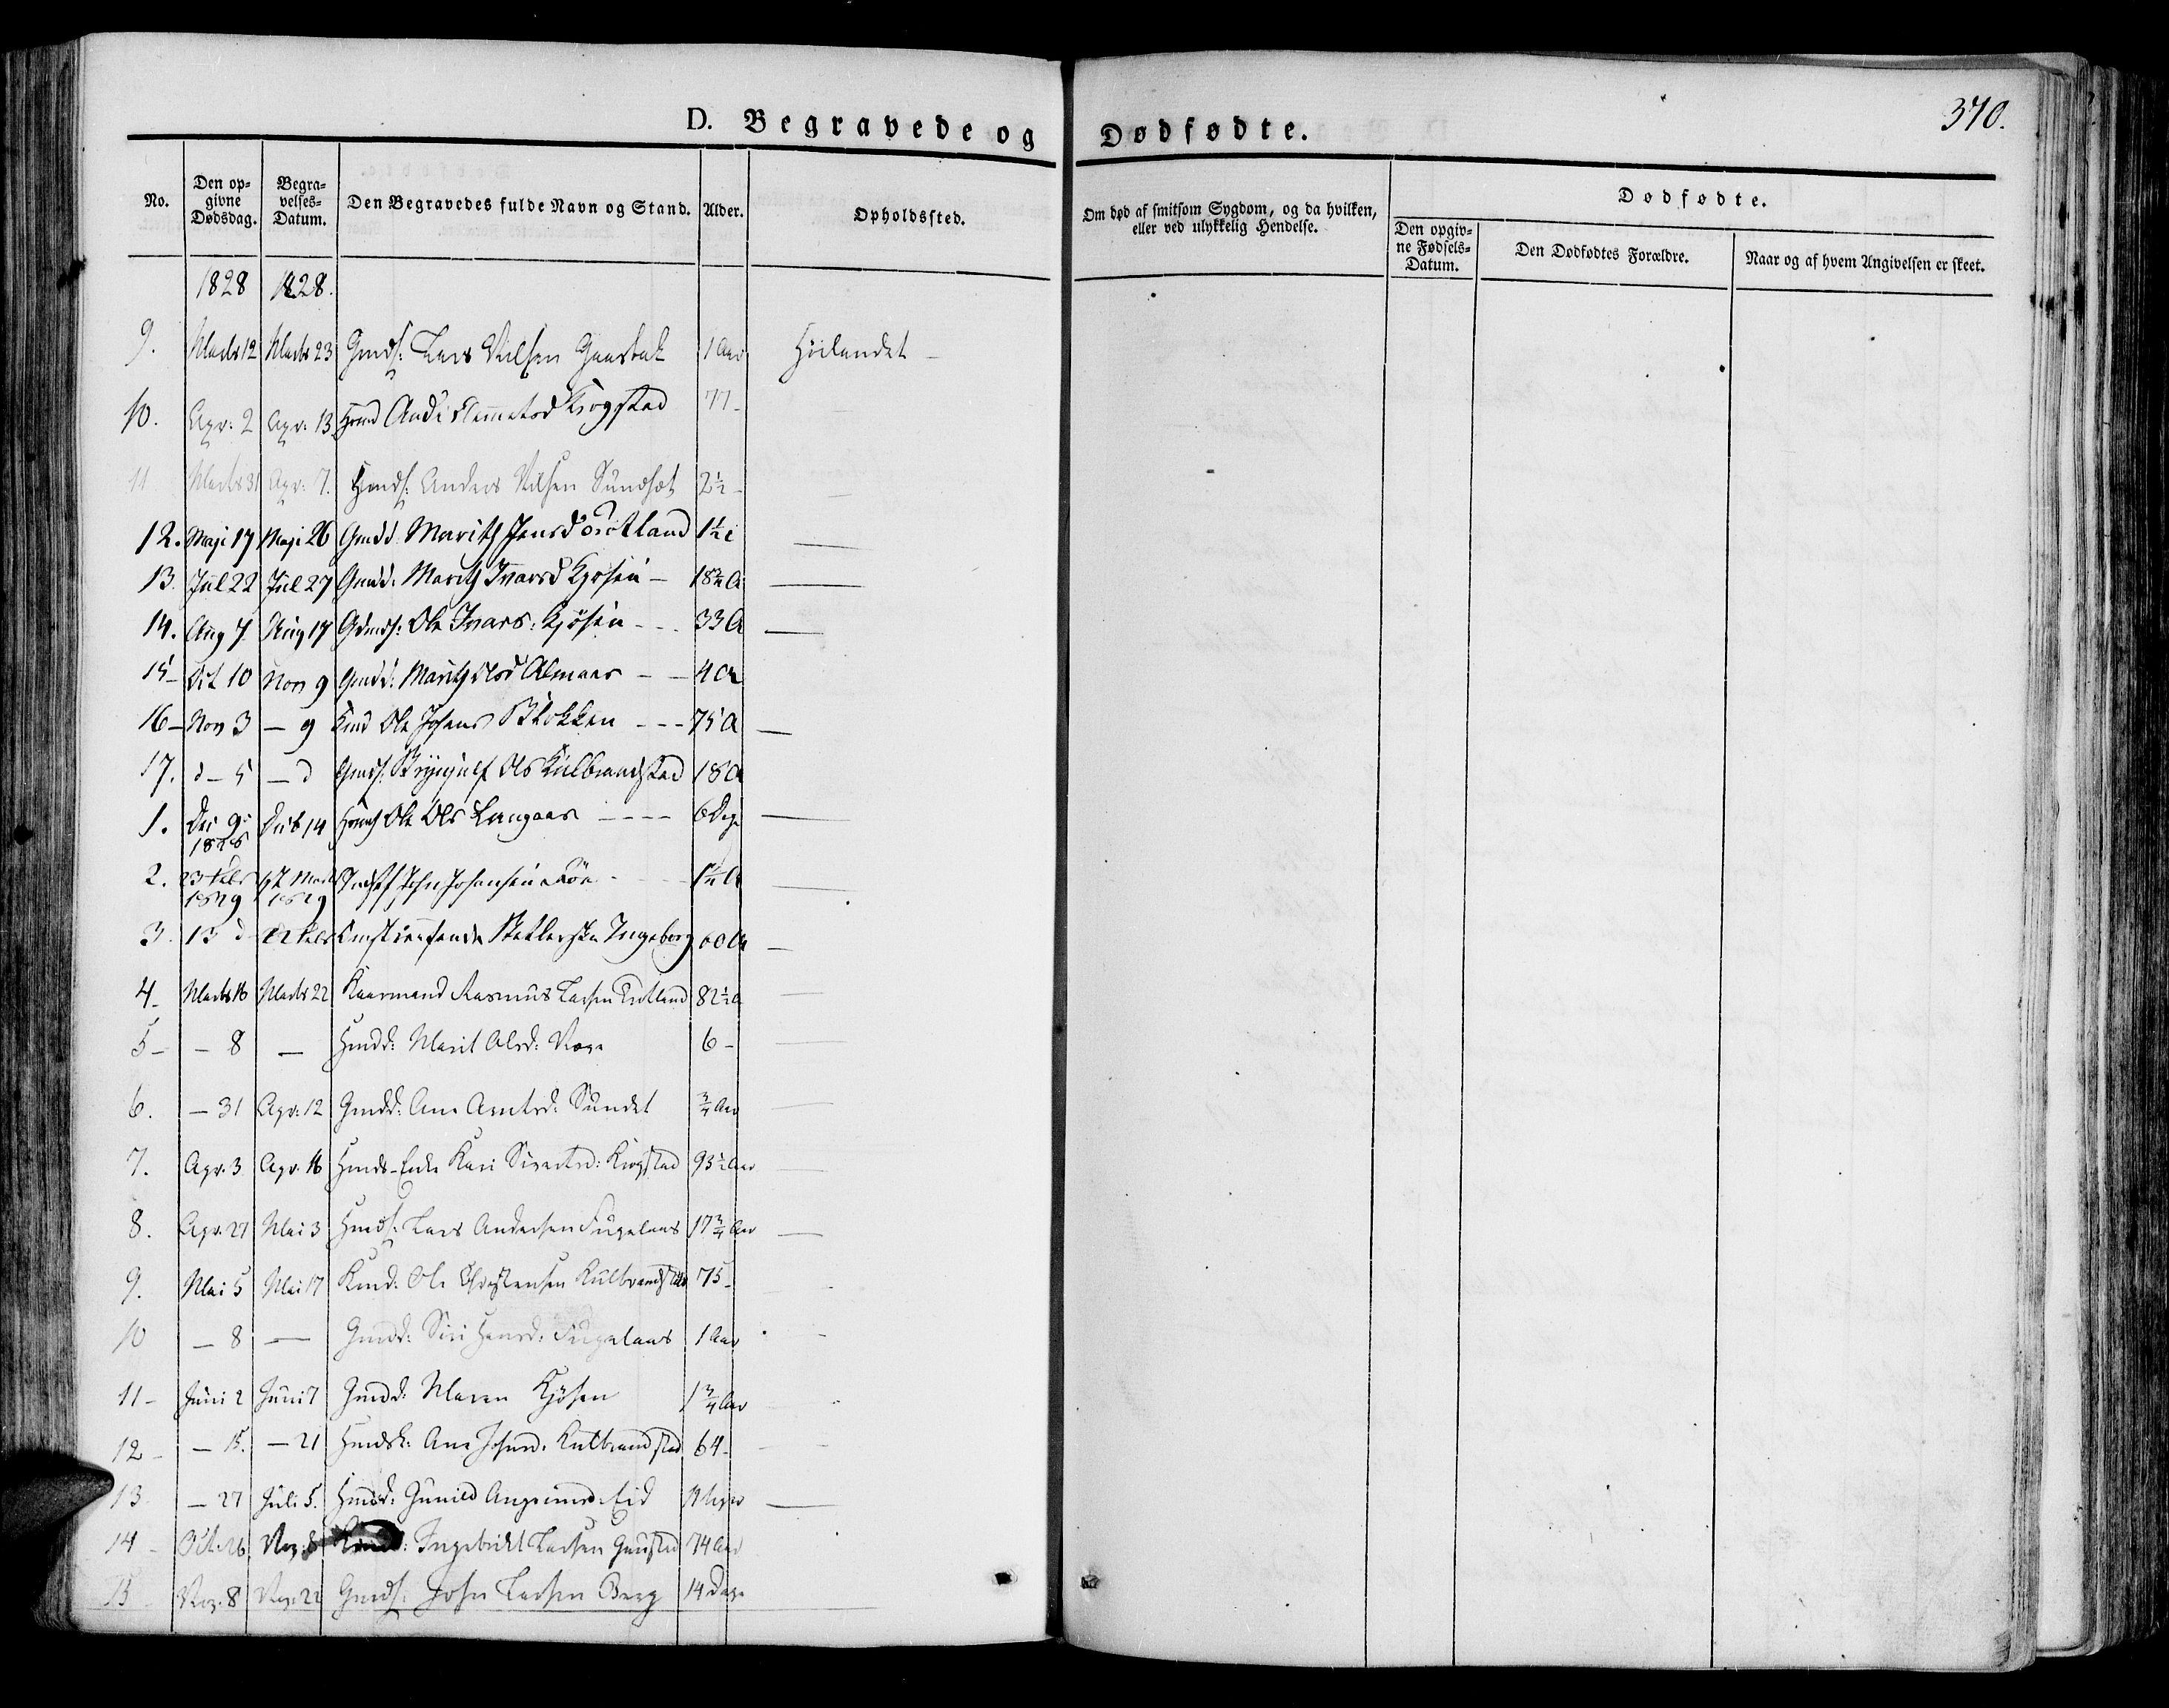 SAT, Ministerialprotokoller, klokkerbøker og fødselsregistre - Sør-Trøndelag, 691/L1073: Ministerialbok nr. 691A05 /4, 1826-1841, s. 370